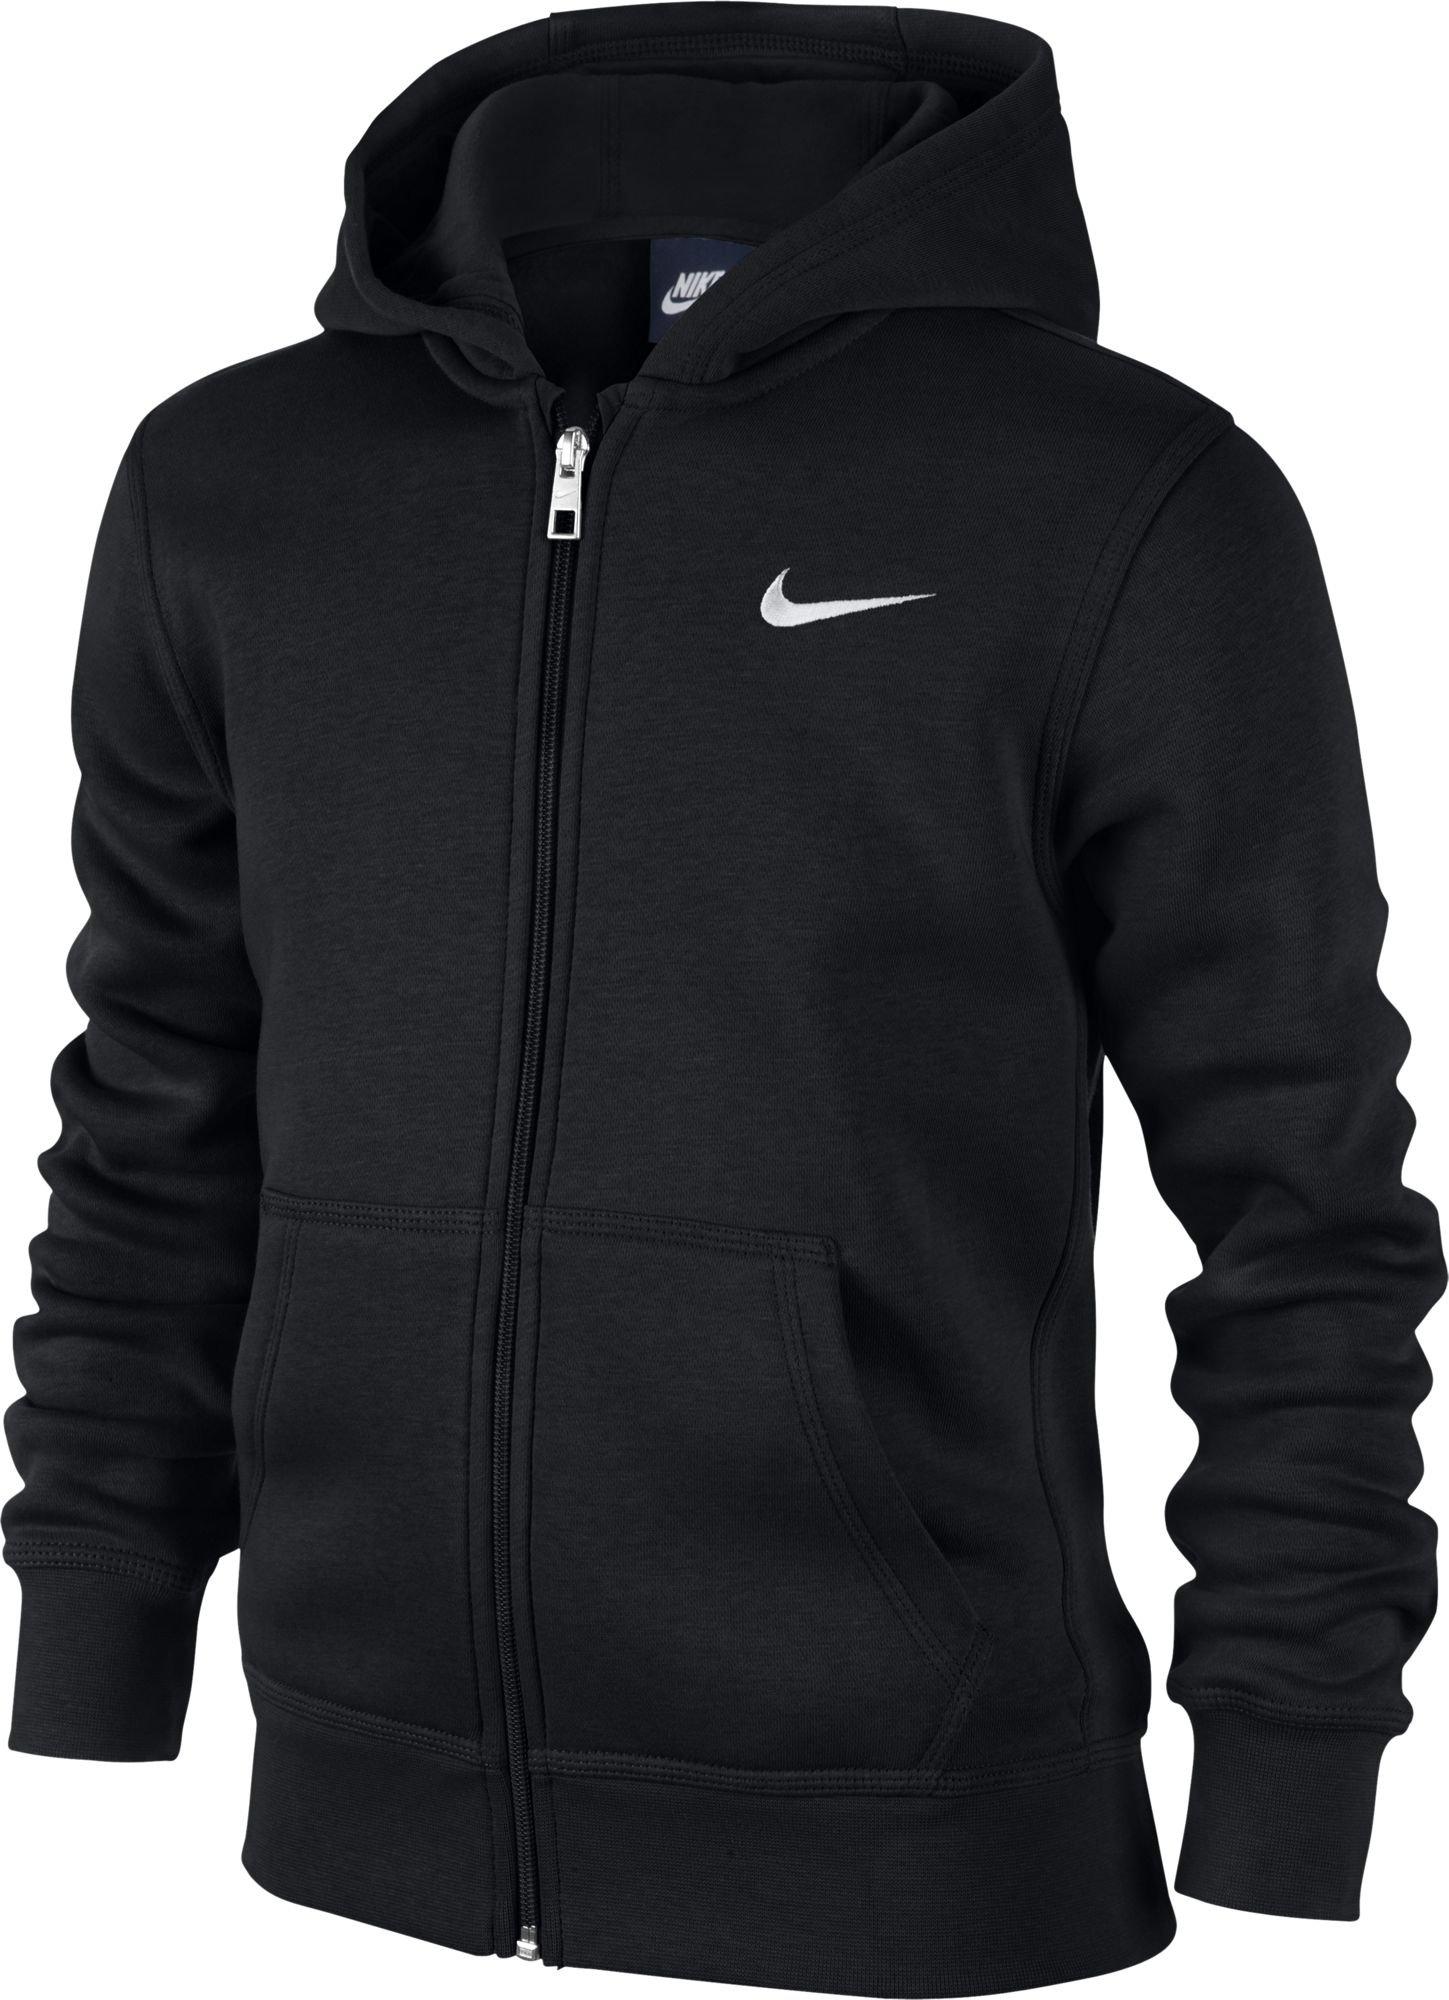 Nike Brushed Fleece Full-Zip (8y-15y) Older Boys' Hoodie (Black, XS) by NIKE